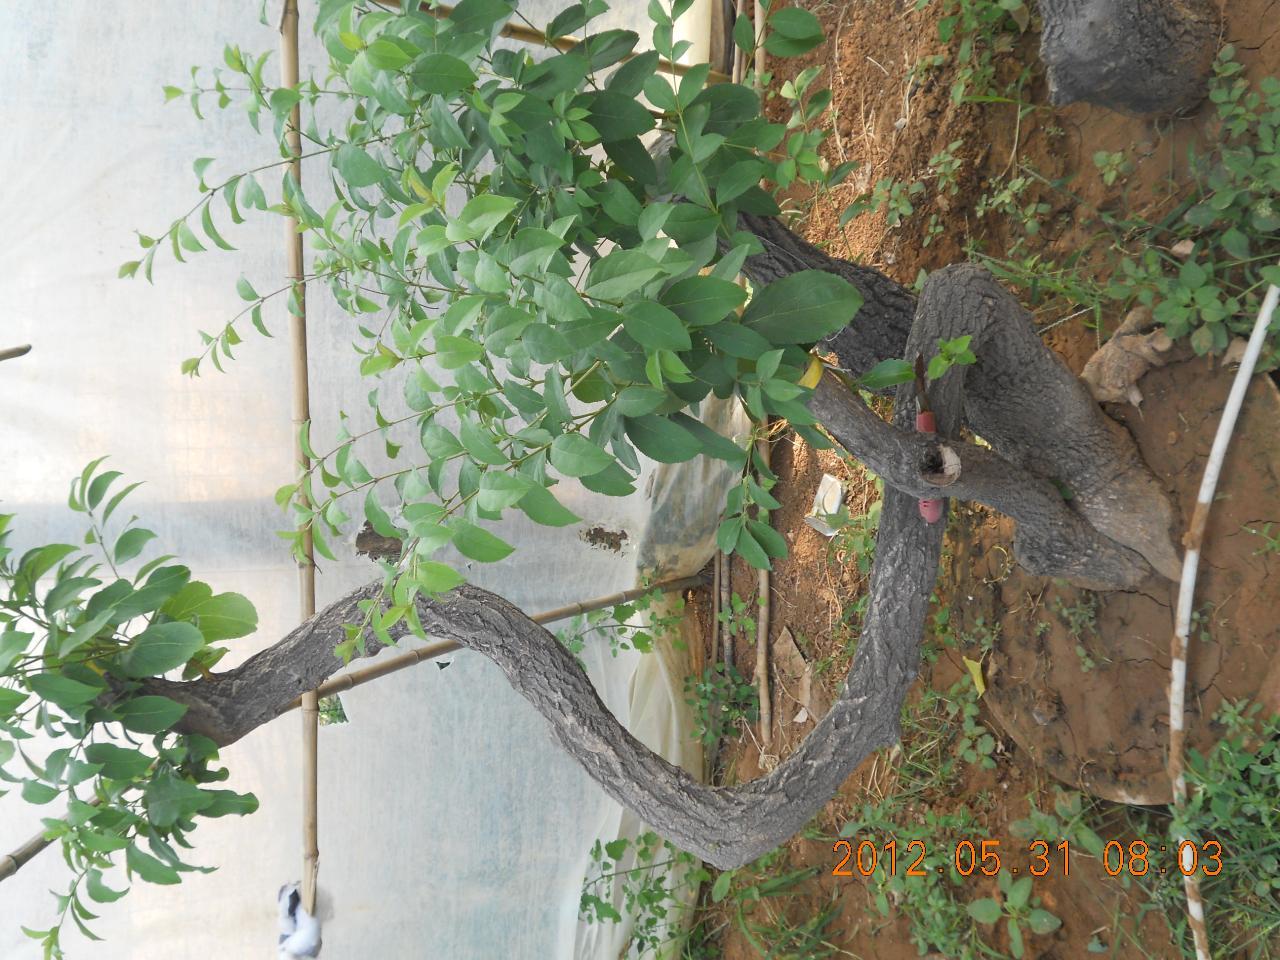 出售流苏树(白快子),流苏树苗,桂花